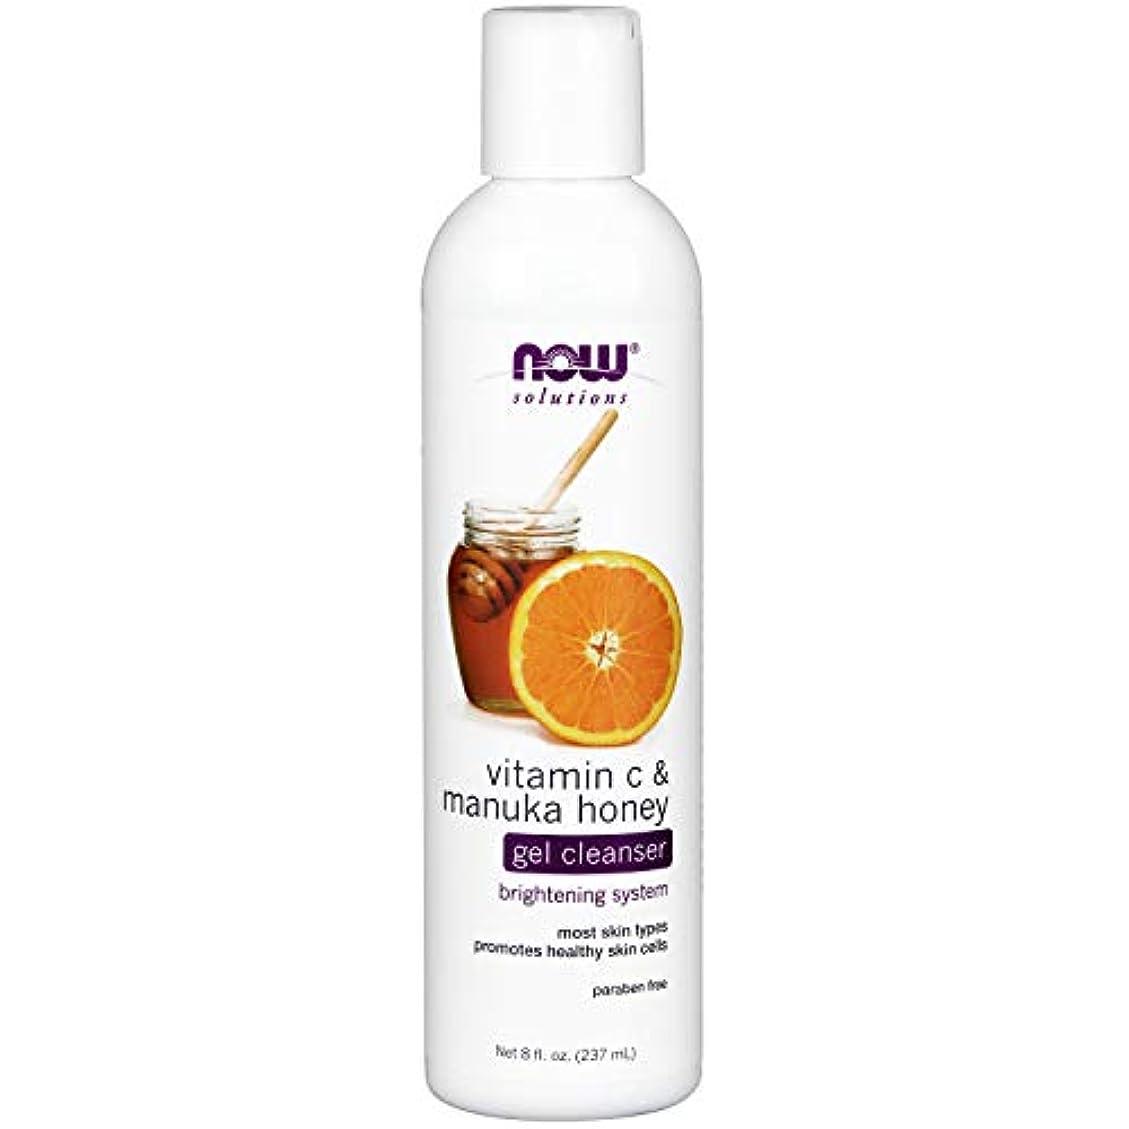 決済スピリチュアル悪意NOW Vitamin C & Manuka Honey Gel Cleanser - 8 fl. oz. ビタミンC&マヌカハニー配合のジェルタイプ洗顔 ~海外直送品~